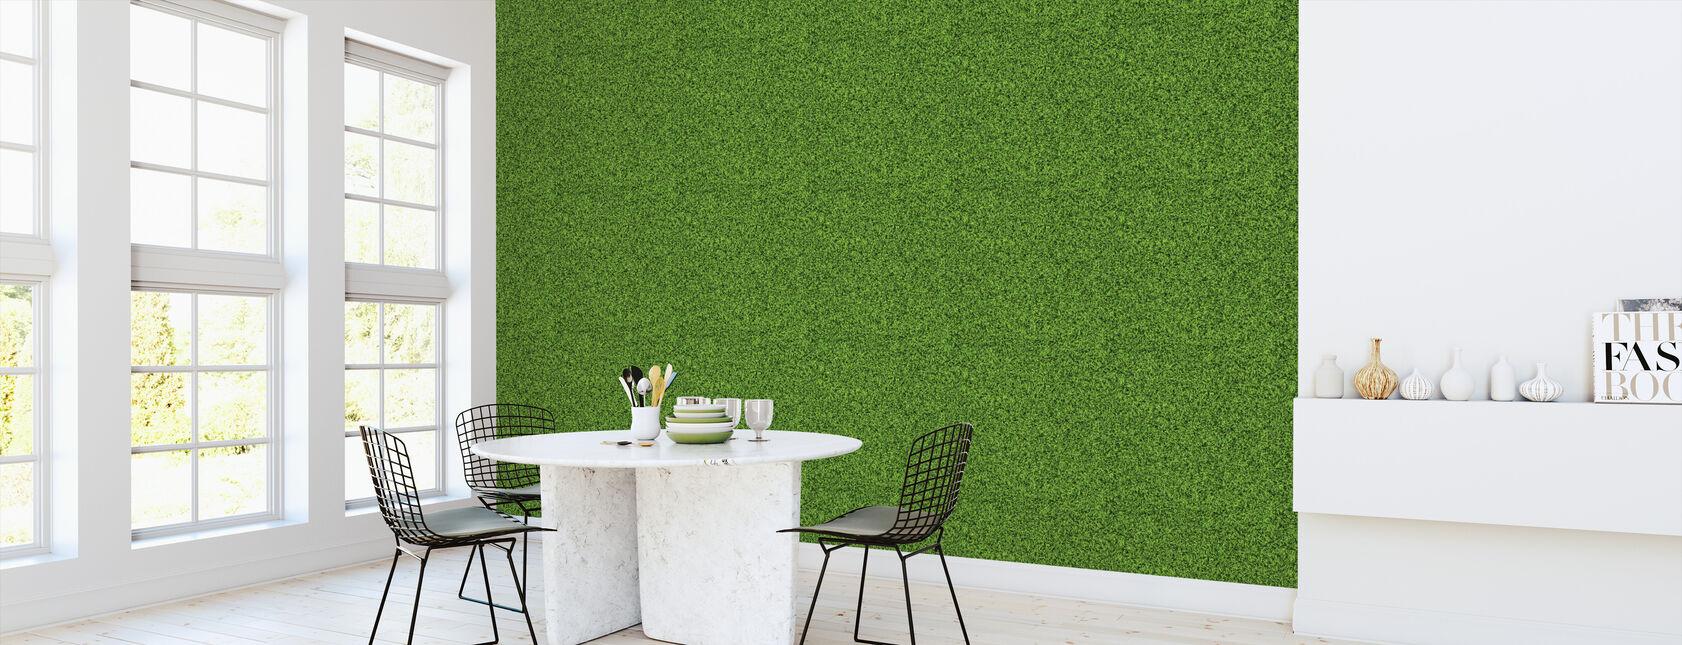 Green Lawn - Wallpaper - Kitchen